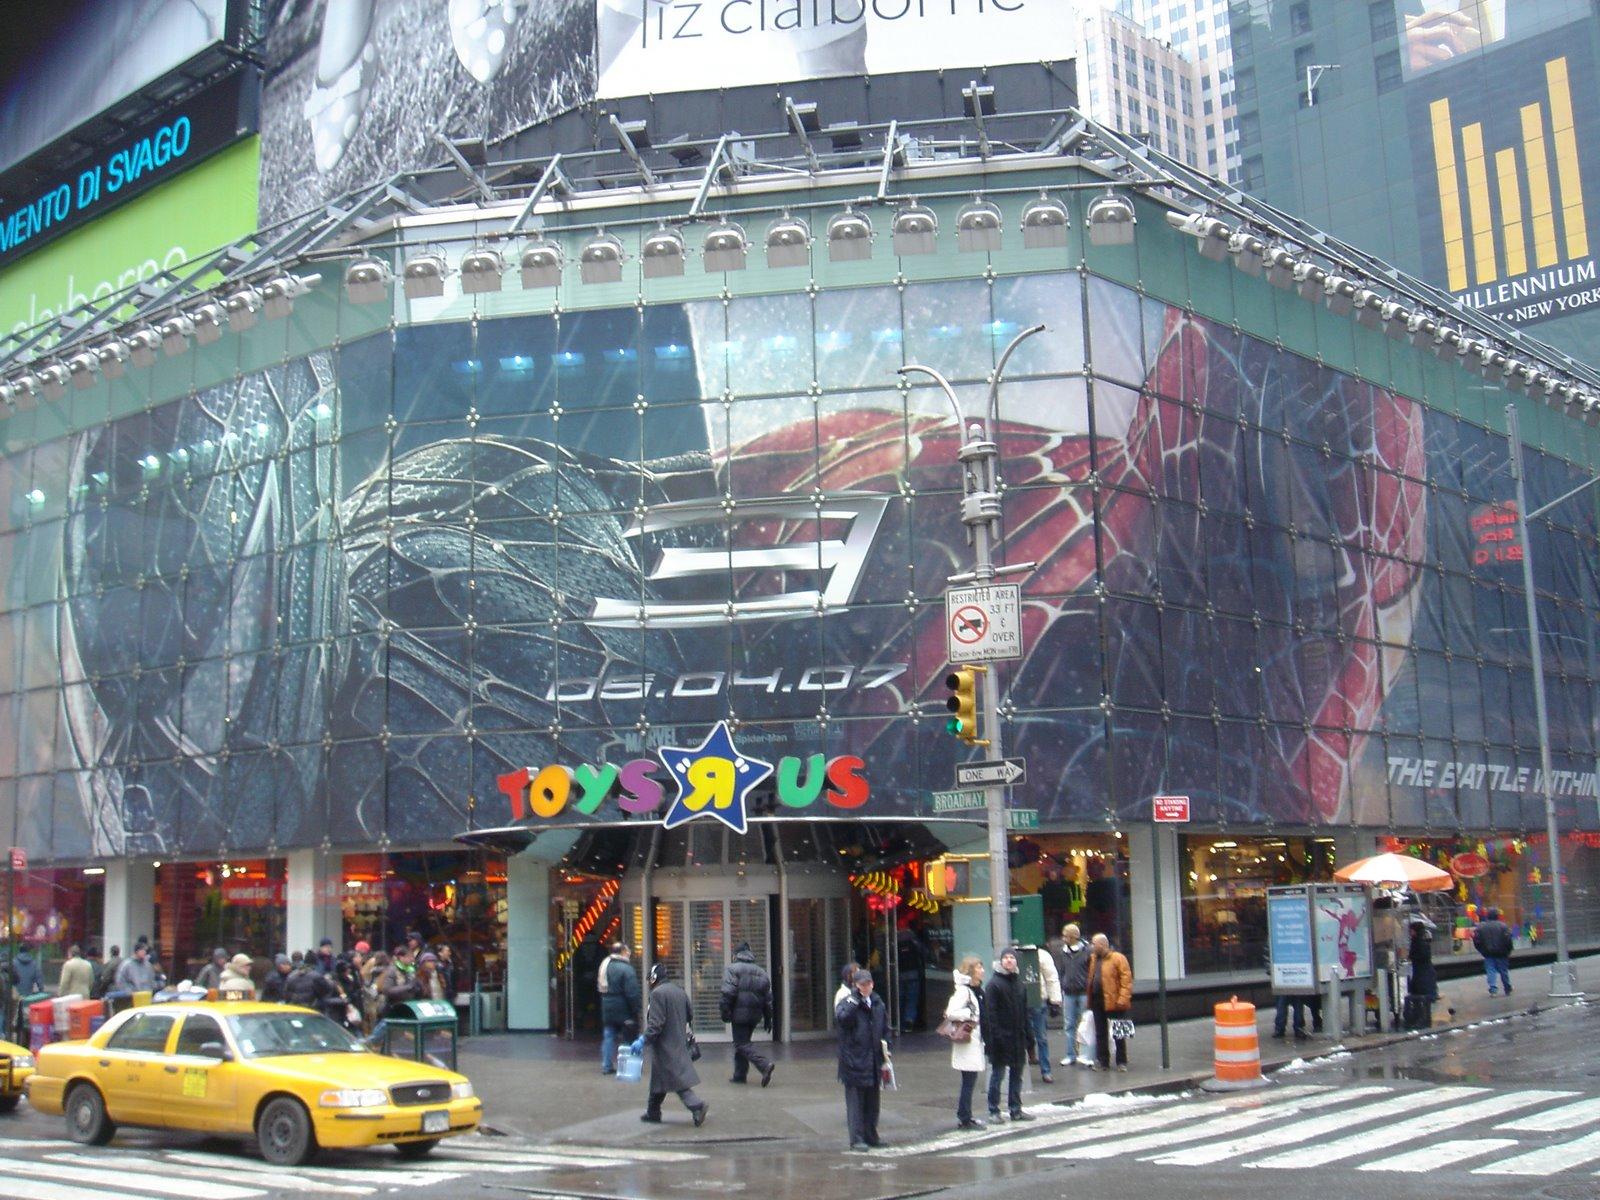 Jugueteria Mas Grande Historias De Nueva York